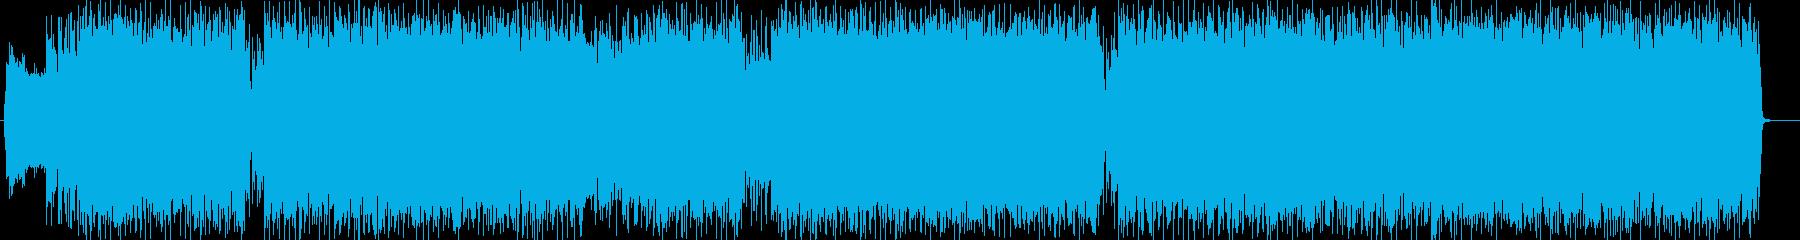 クールでエッジの効いたロックな曲の再生済みの波形